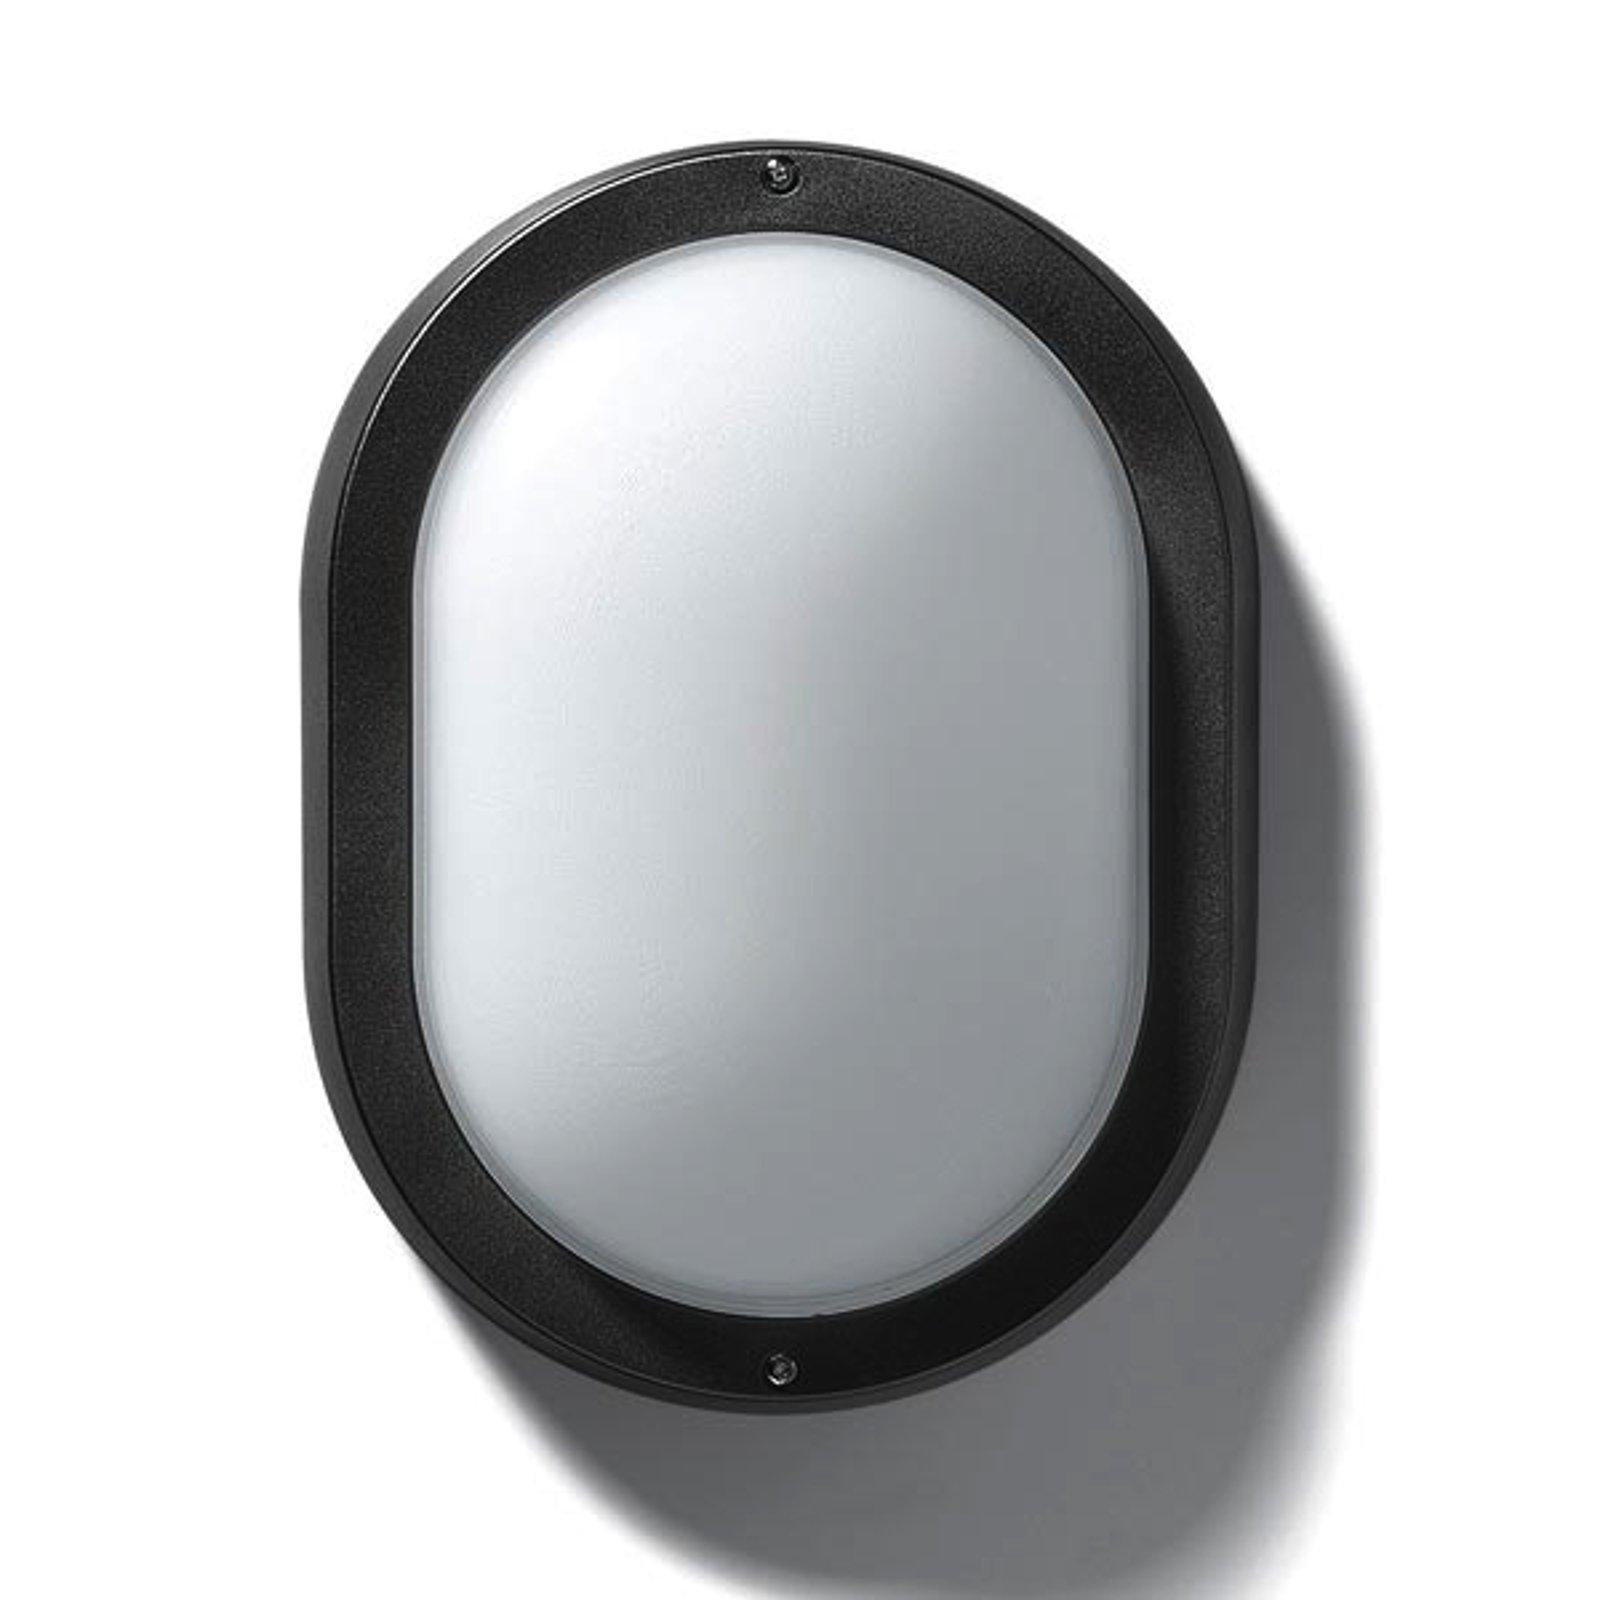 EKO 19 utendørs vegg- eller taklampe i svart